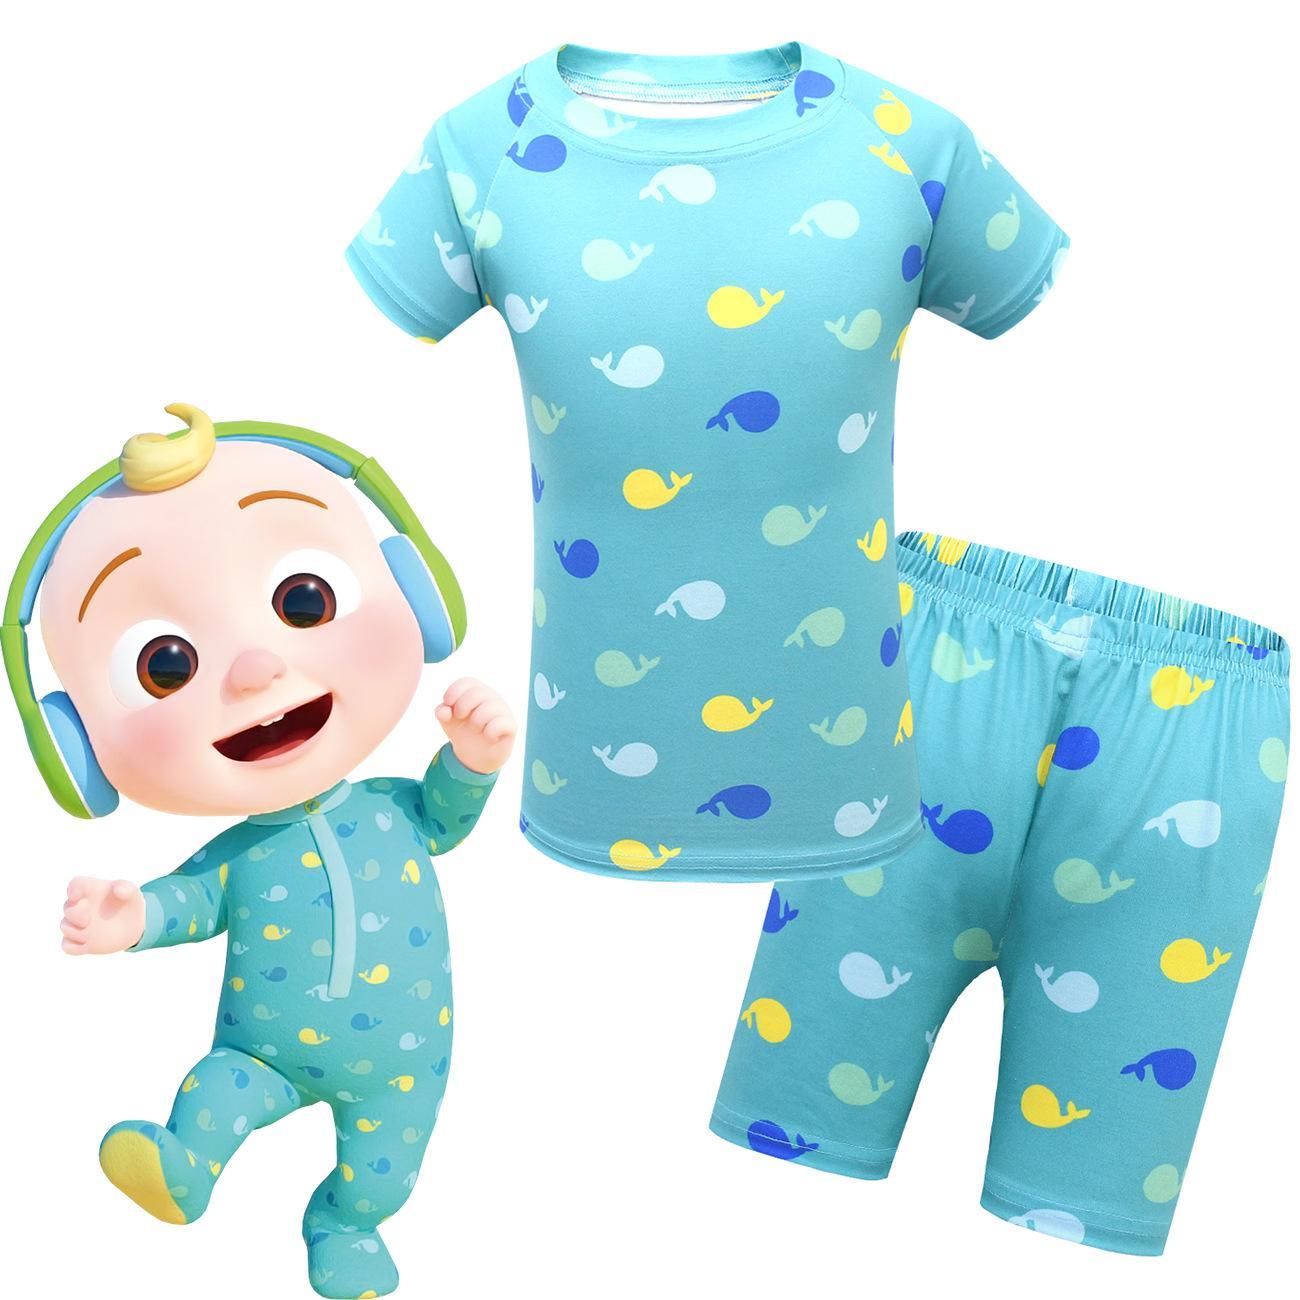 아기 잠옷 여름 아동복 홈 서비스 코코 멜론 반팔 탑 + 반바지 2 피스 세트 1772 아이 의류